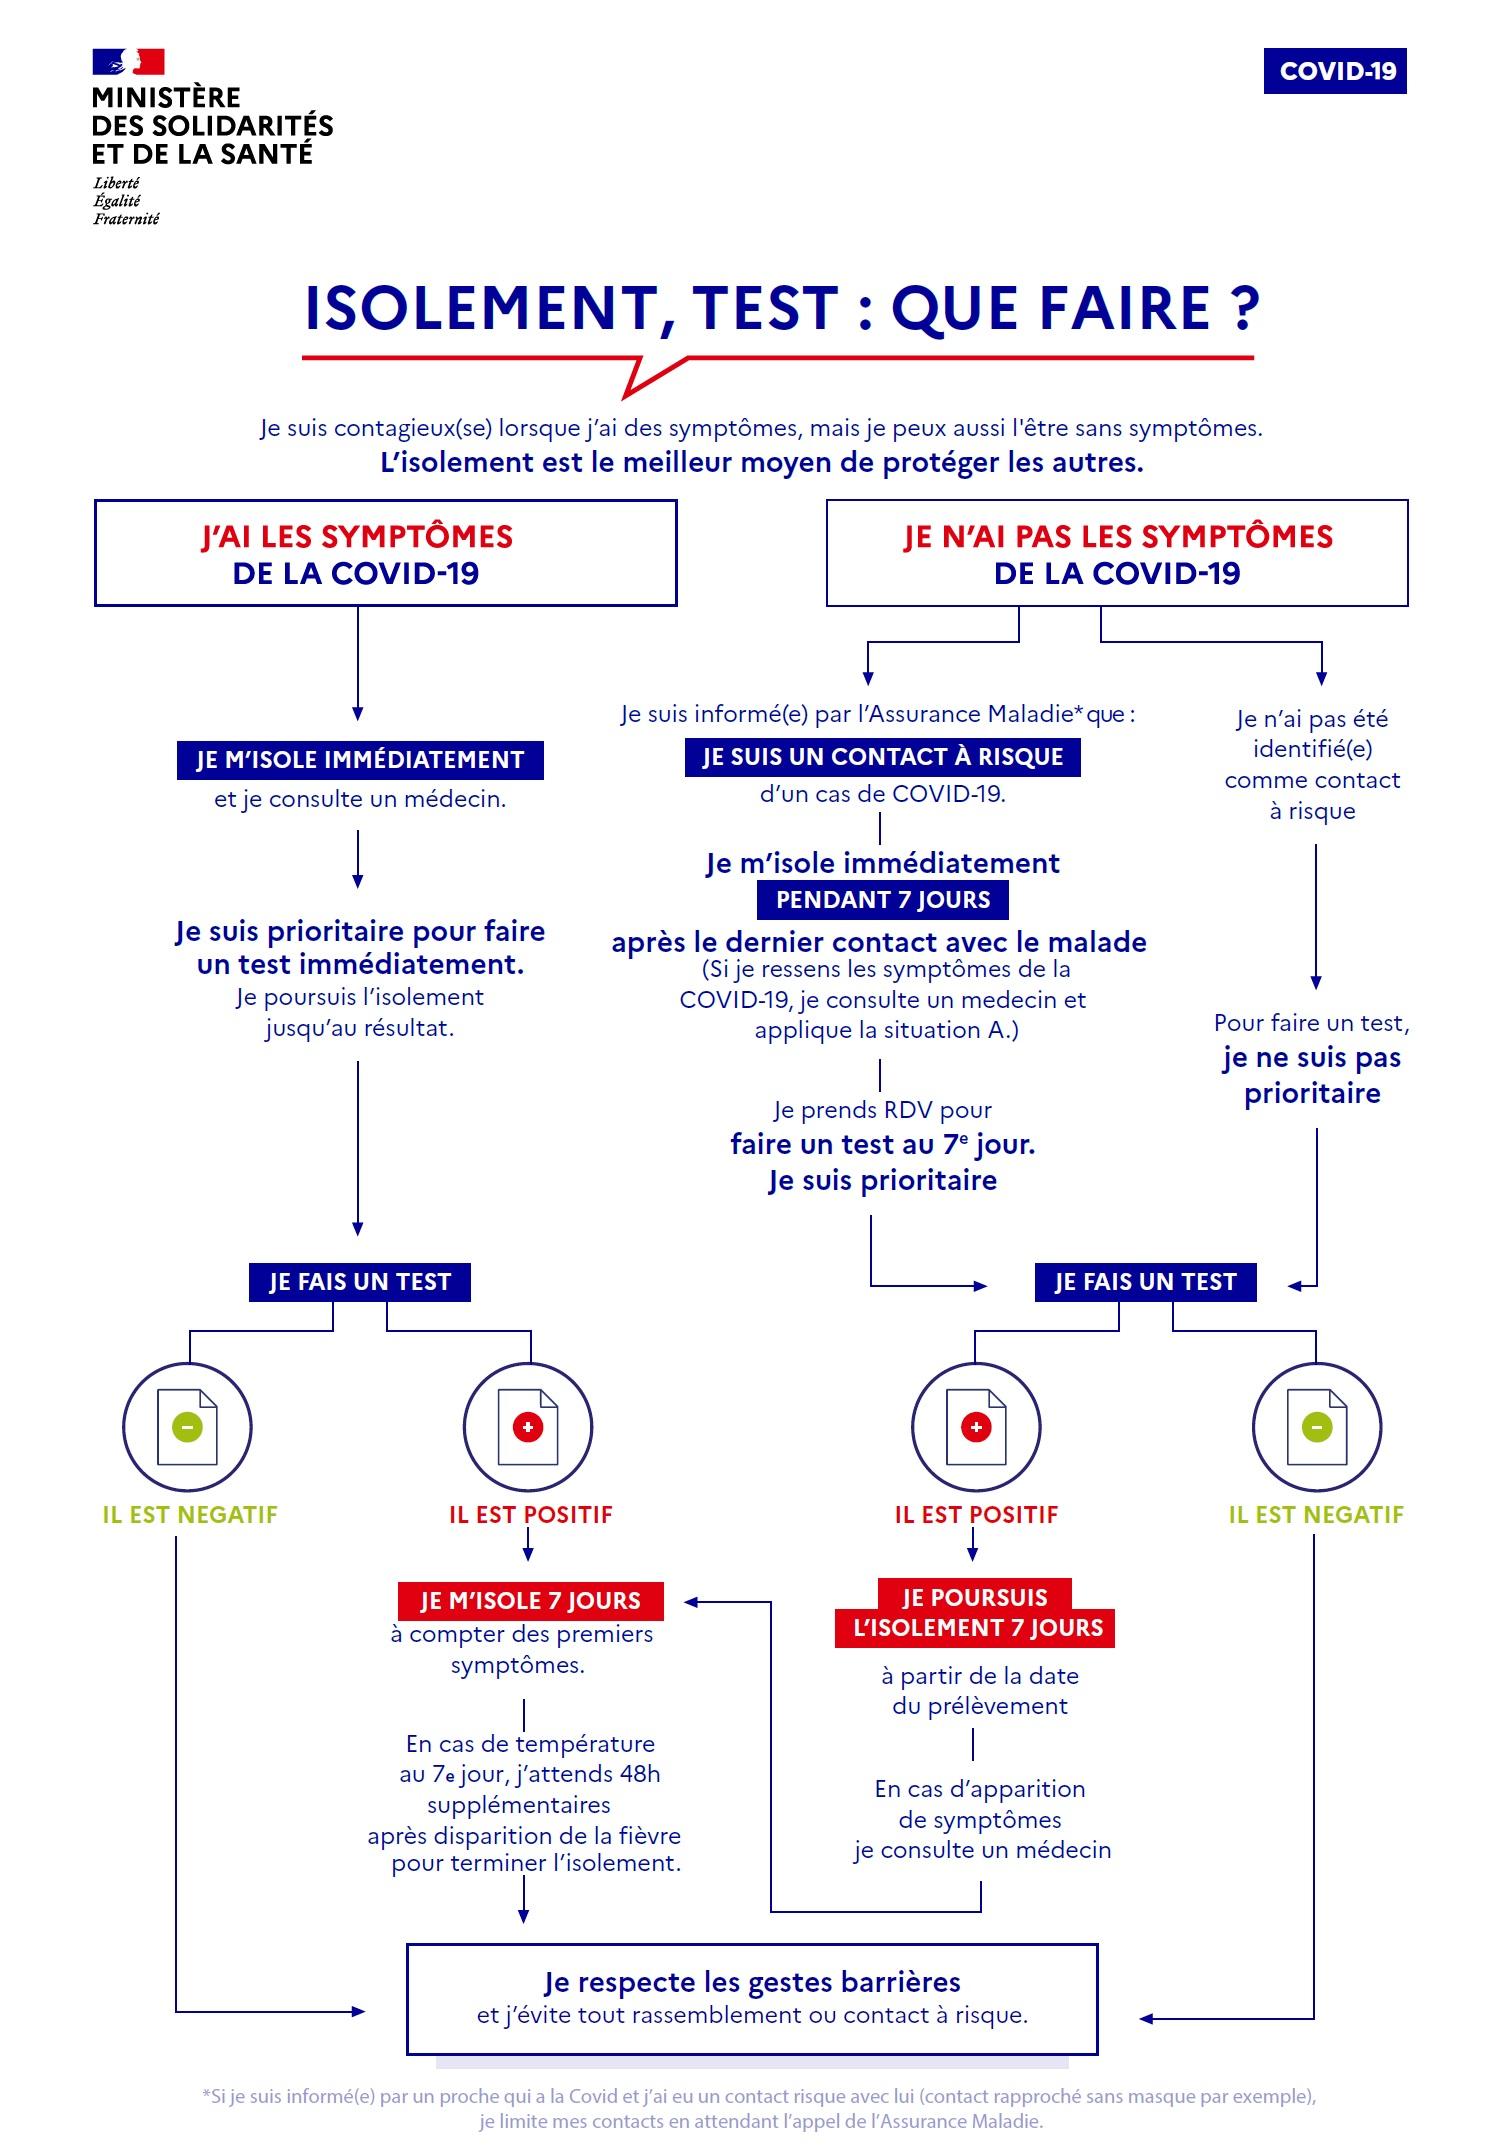 isolement_test_-_que_faire_infographie_decisionnelle